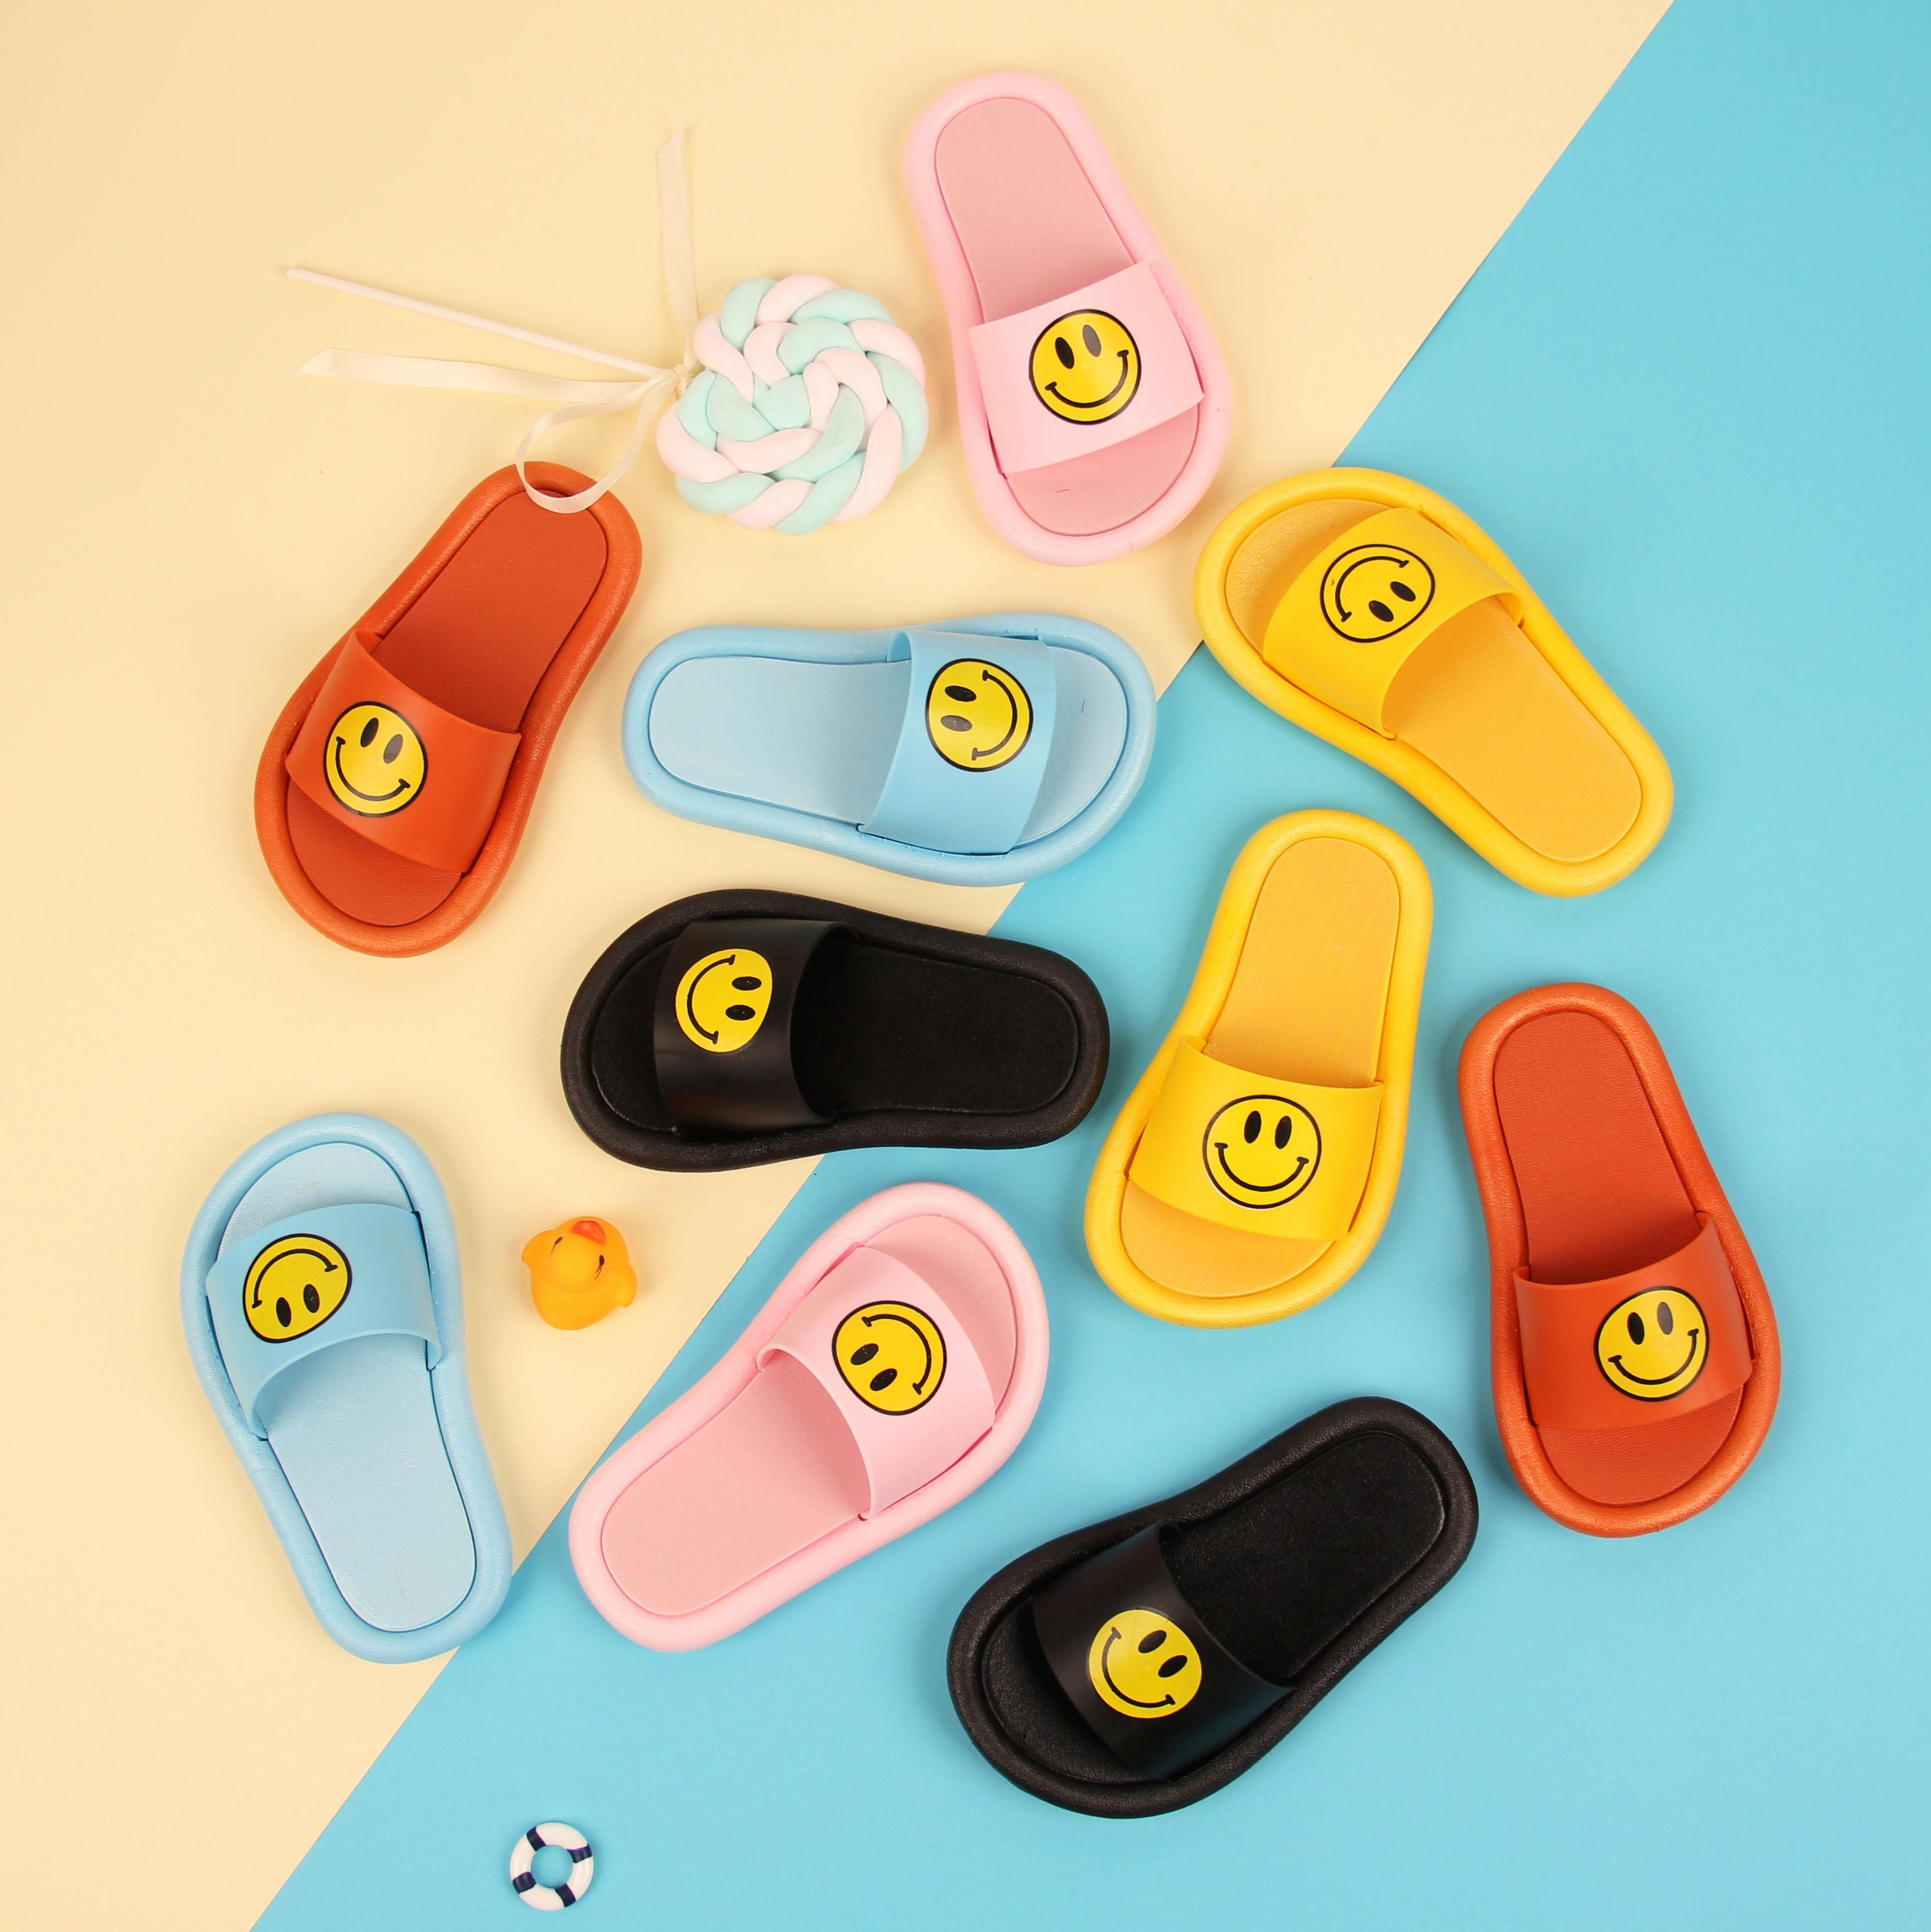 美乐鱼2020夏季新款笑脸童拖鞋男女宝宝凉鞋居家可爱优选好质量